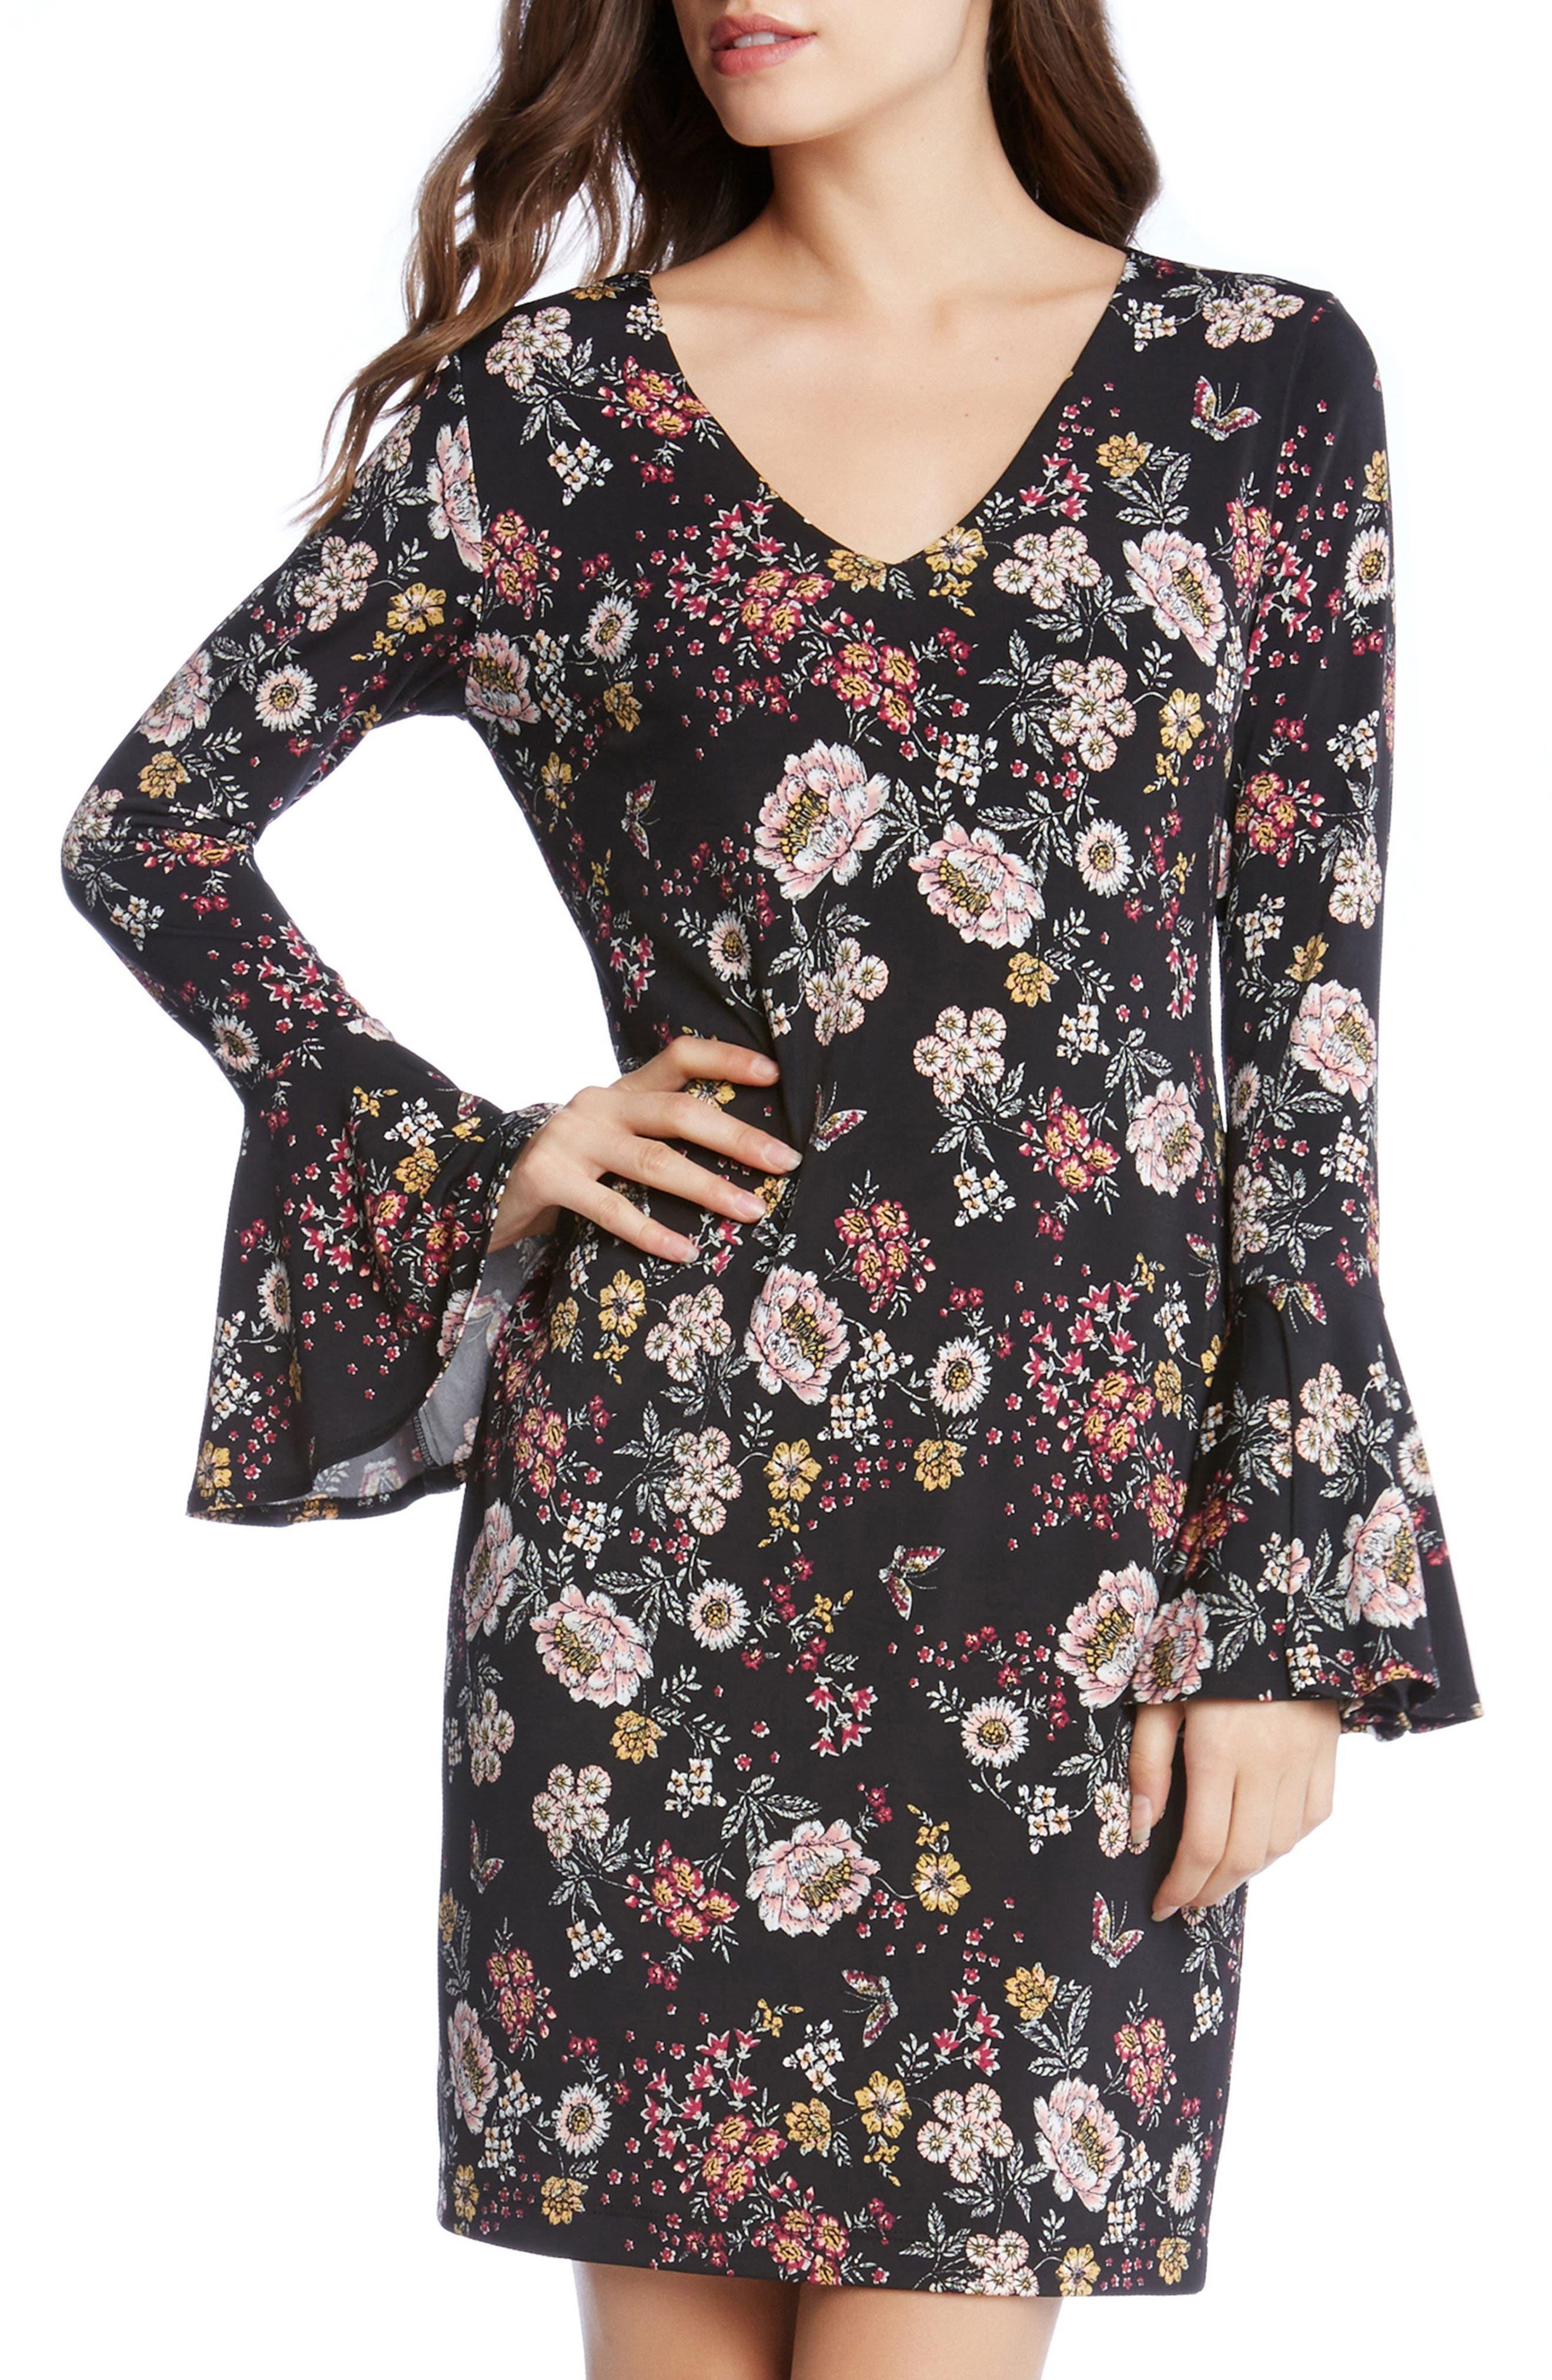 Alternate Image 1 Selected - Karen Kane Floral V-Neck Bell Sleeve Dress